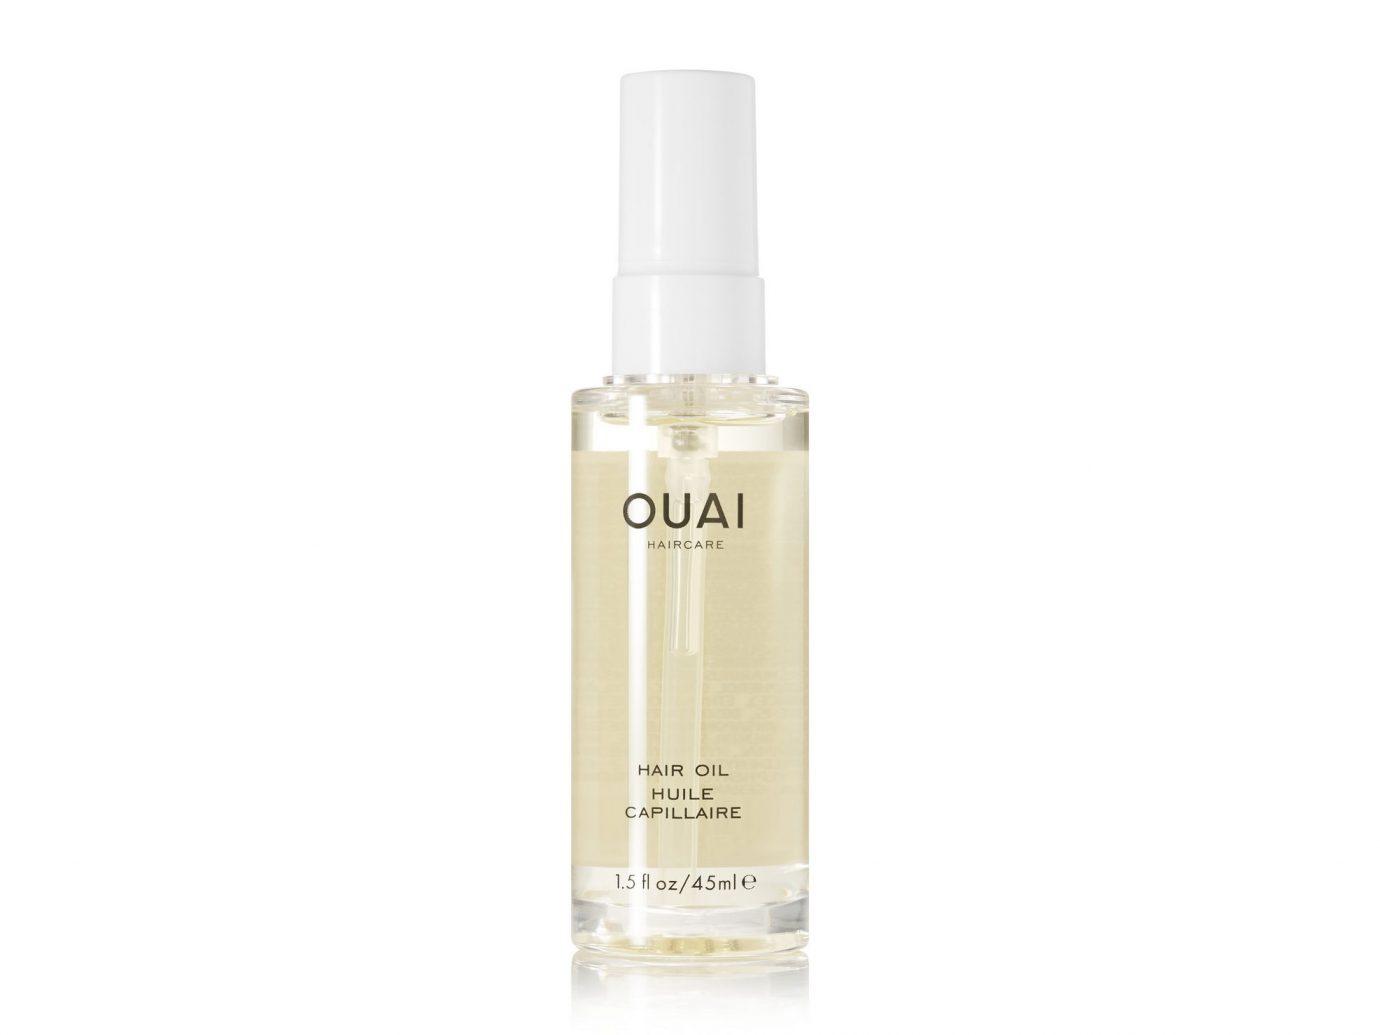 OUAI HAIRCARE Hair Oil, 45ml